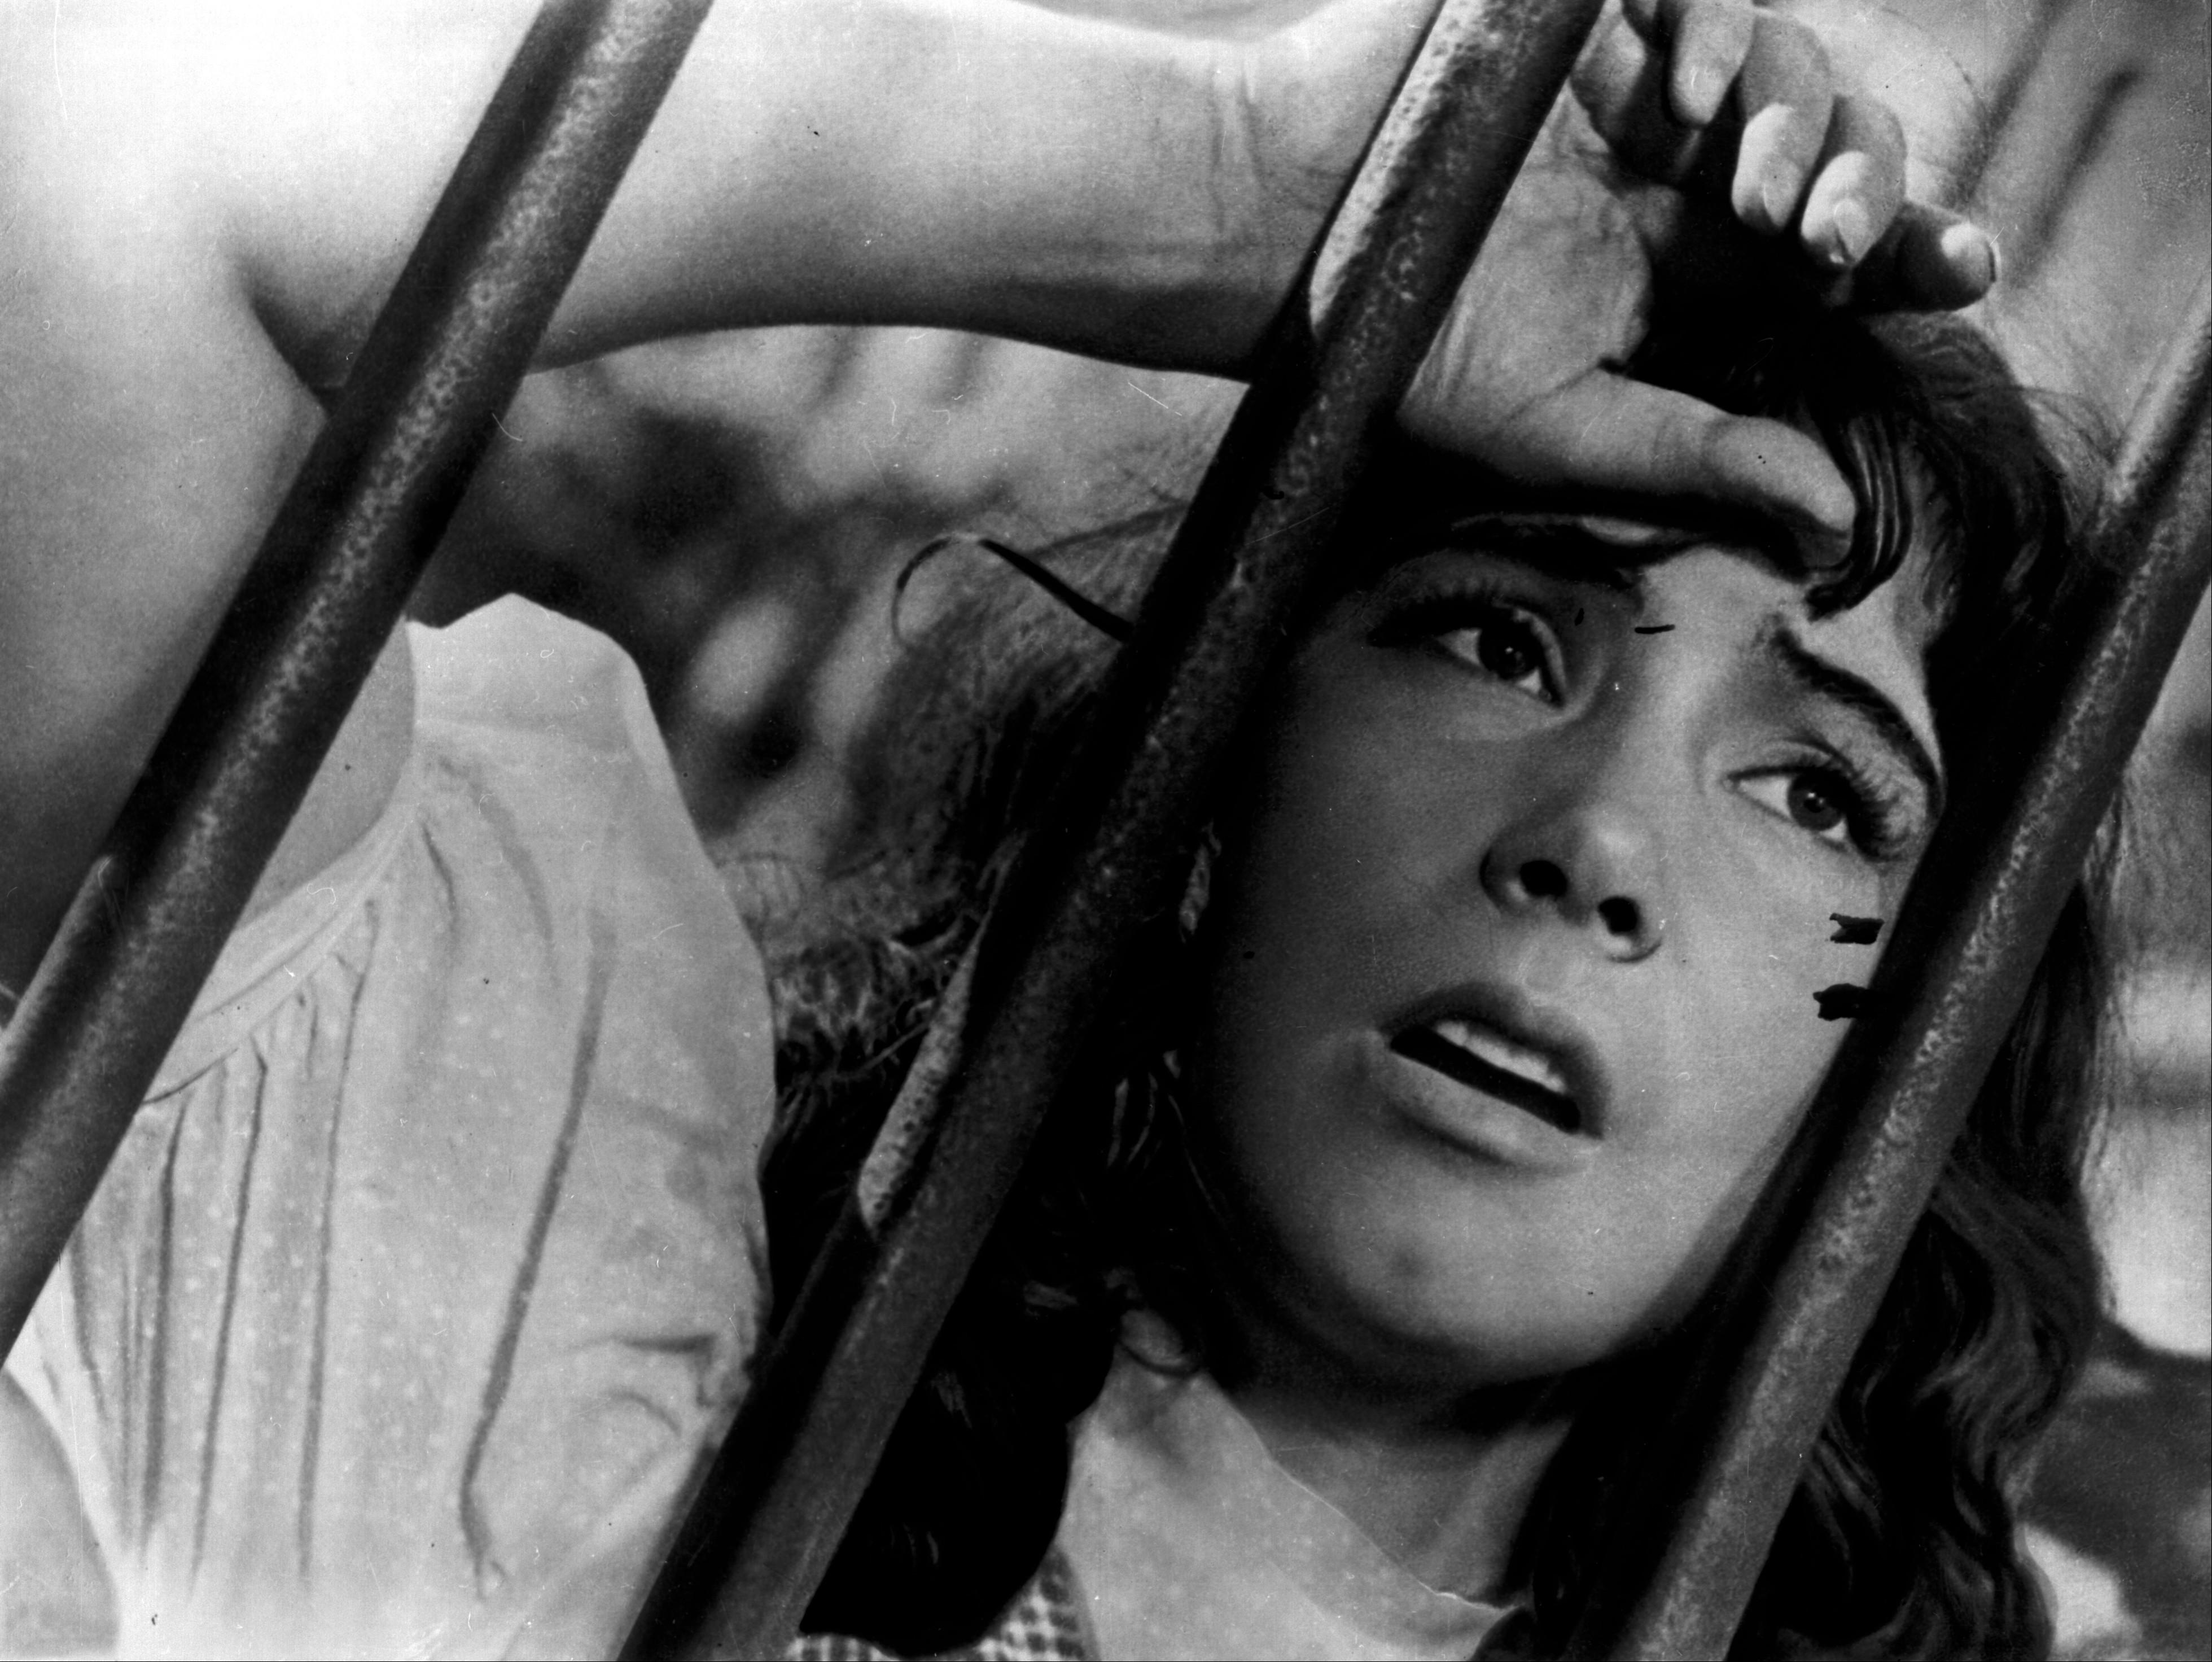 Juni 1941 – als Hitlerdeutschland die Sowjetunion überfällt, bricht für Veronika eine Welt zusammen. Sie muss ihren Liebsten in den Krieg ziehen lassen / Fotos © Mosfilm